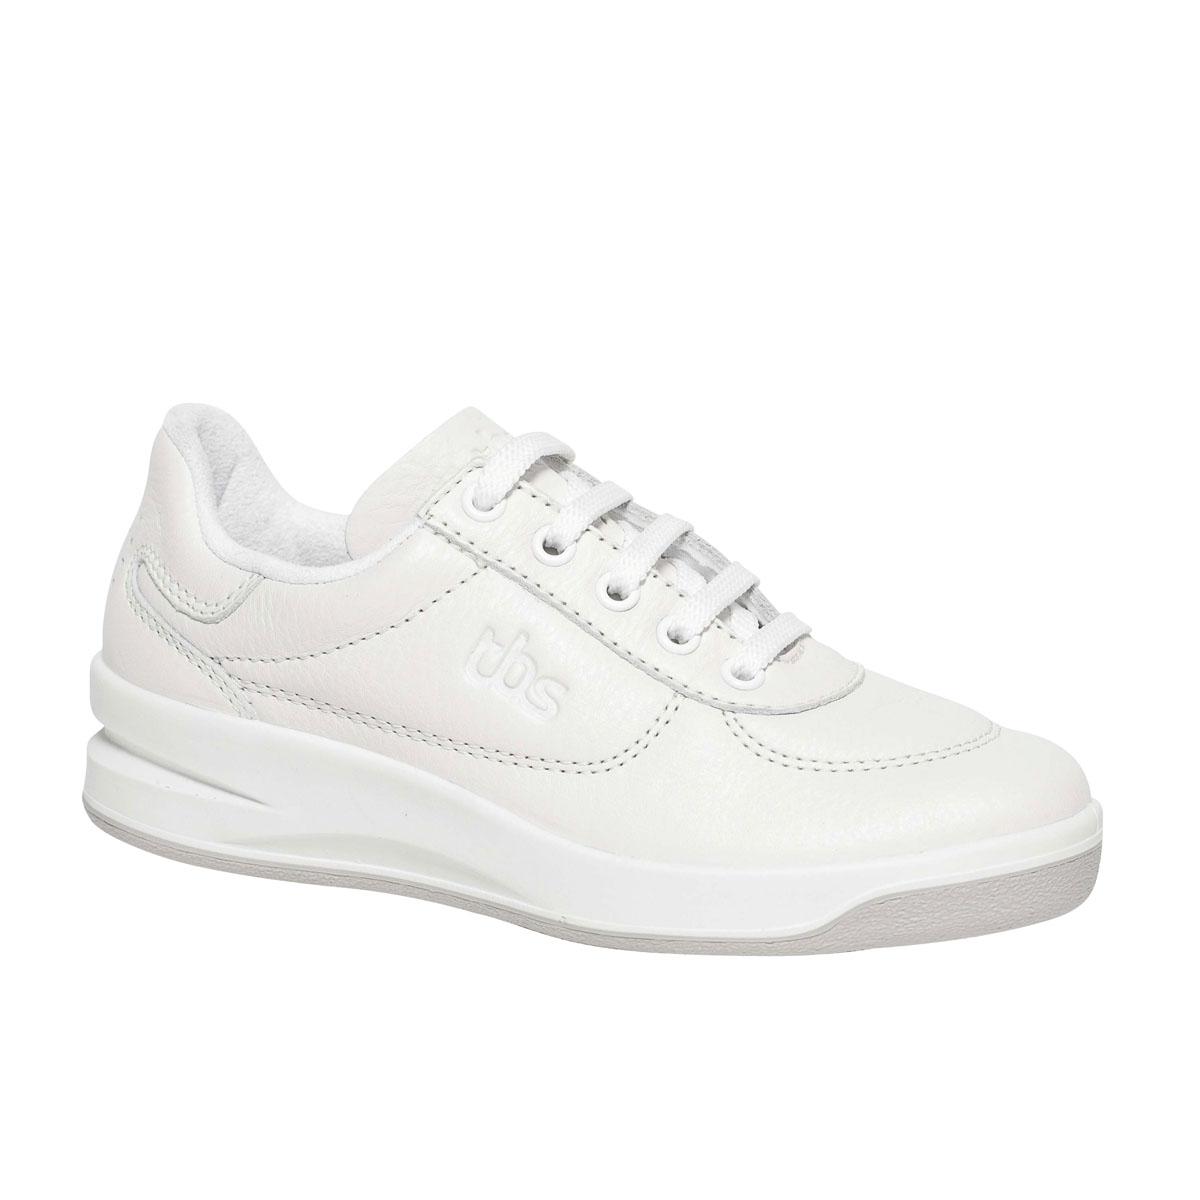 КроссовкиBRANDY-B7A07Мега удобные ботинки из натуральной кожи, класса-комфорт. Модель на шнуровке.